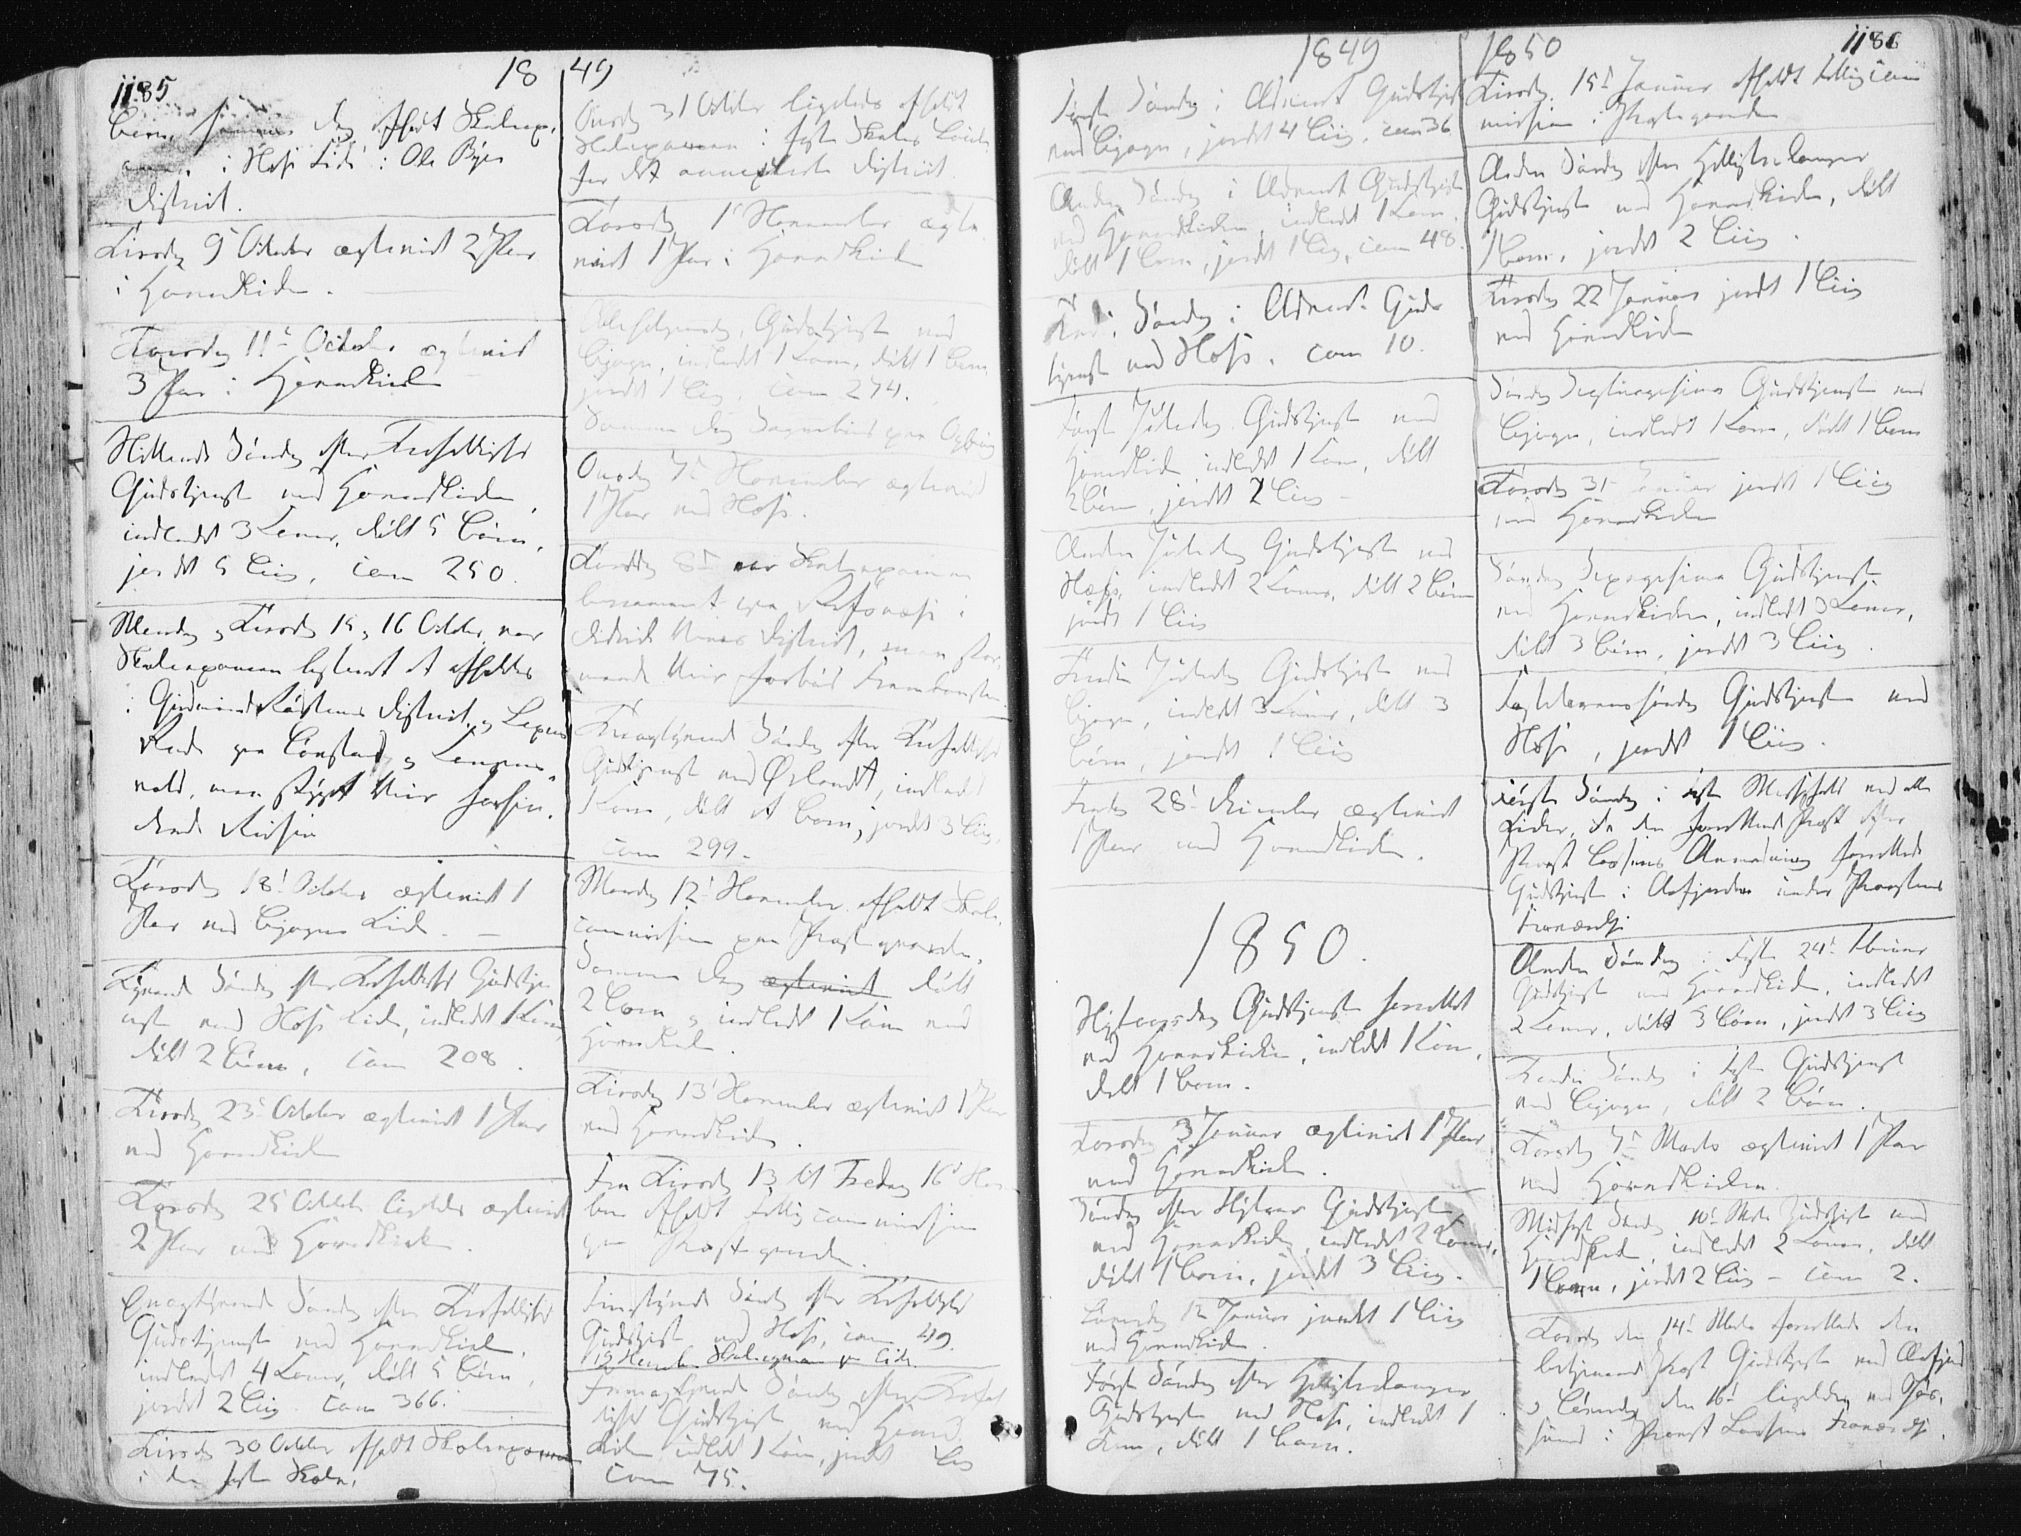 SAT, Ministerialprotokoller, klokkerbøker og fødselsregistre - Sør-Trøndelag, 659/L0736: Ministerialbok nr. 659A06, 1842-1856, s. 1185-1186